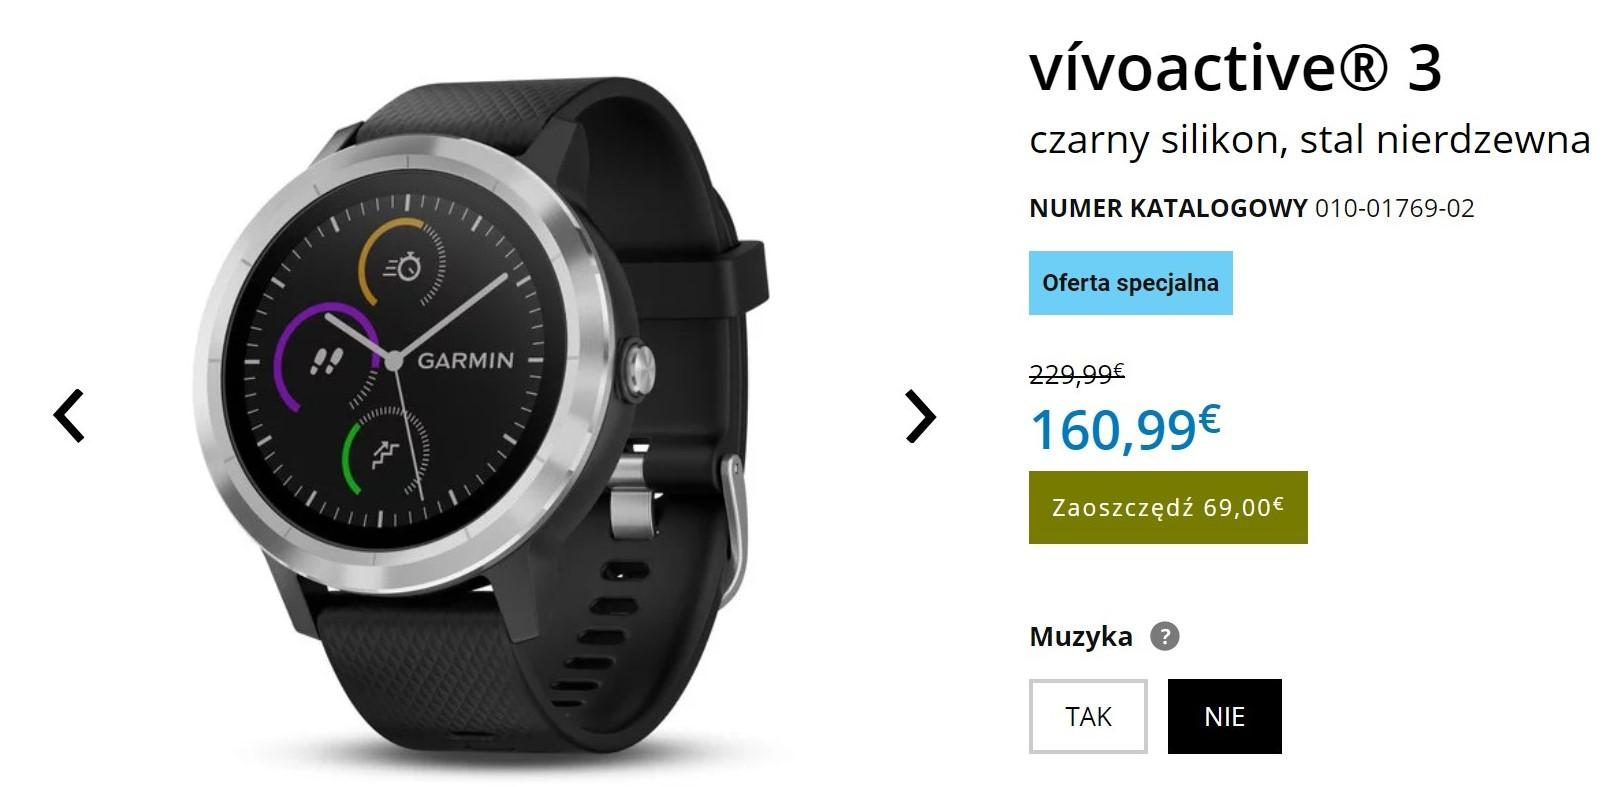 Z okazji 30-lecia Garmina, kupicie smartwatch vívoactive 3 (i inne produkty firmy) znacznie taniej!